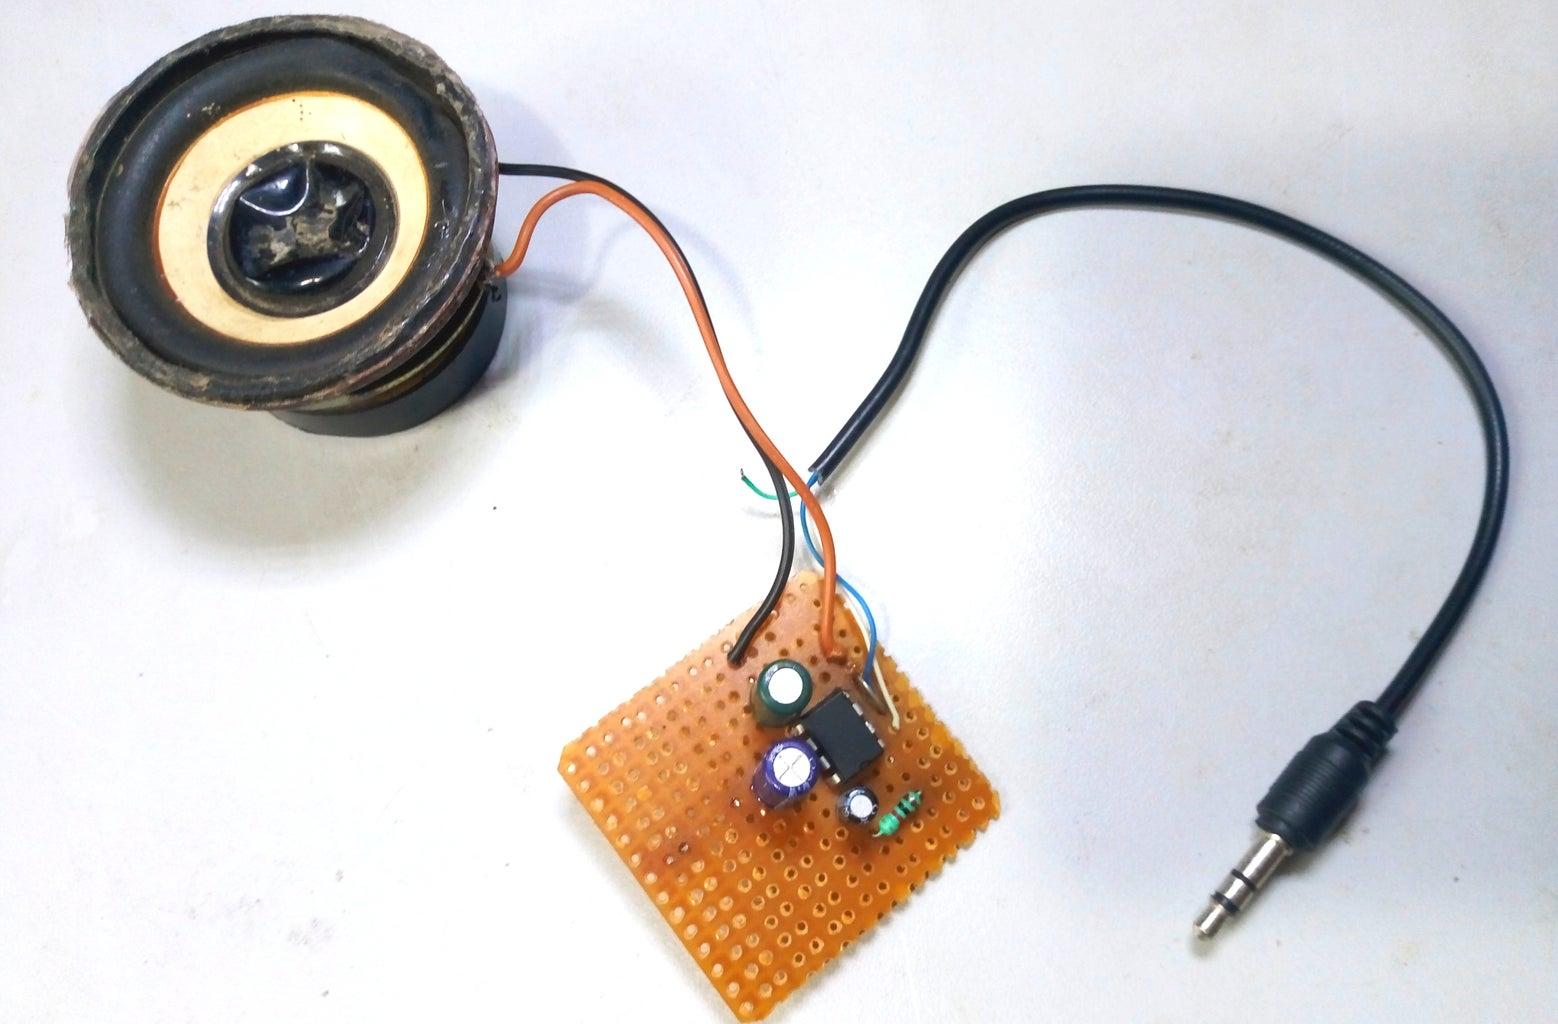 Now Connect Aux Cable